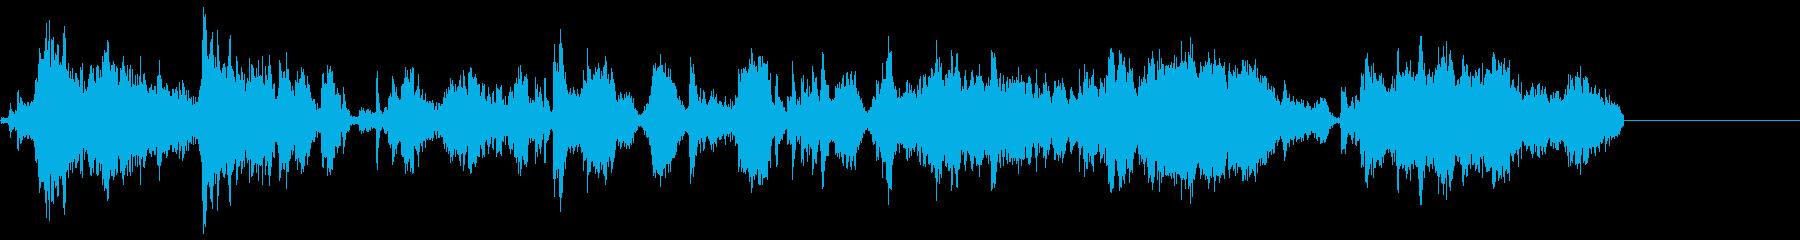 メタルスクレープ;ざらざらした表面...の再生済みの波形